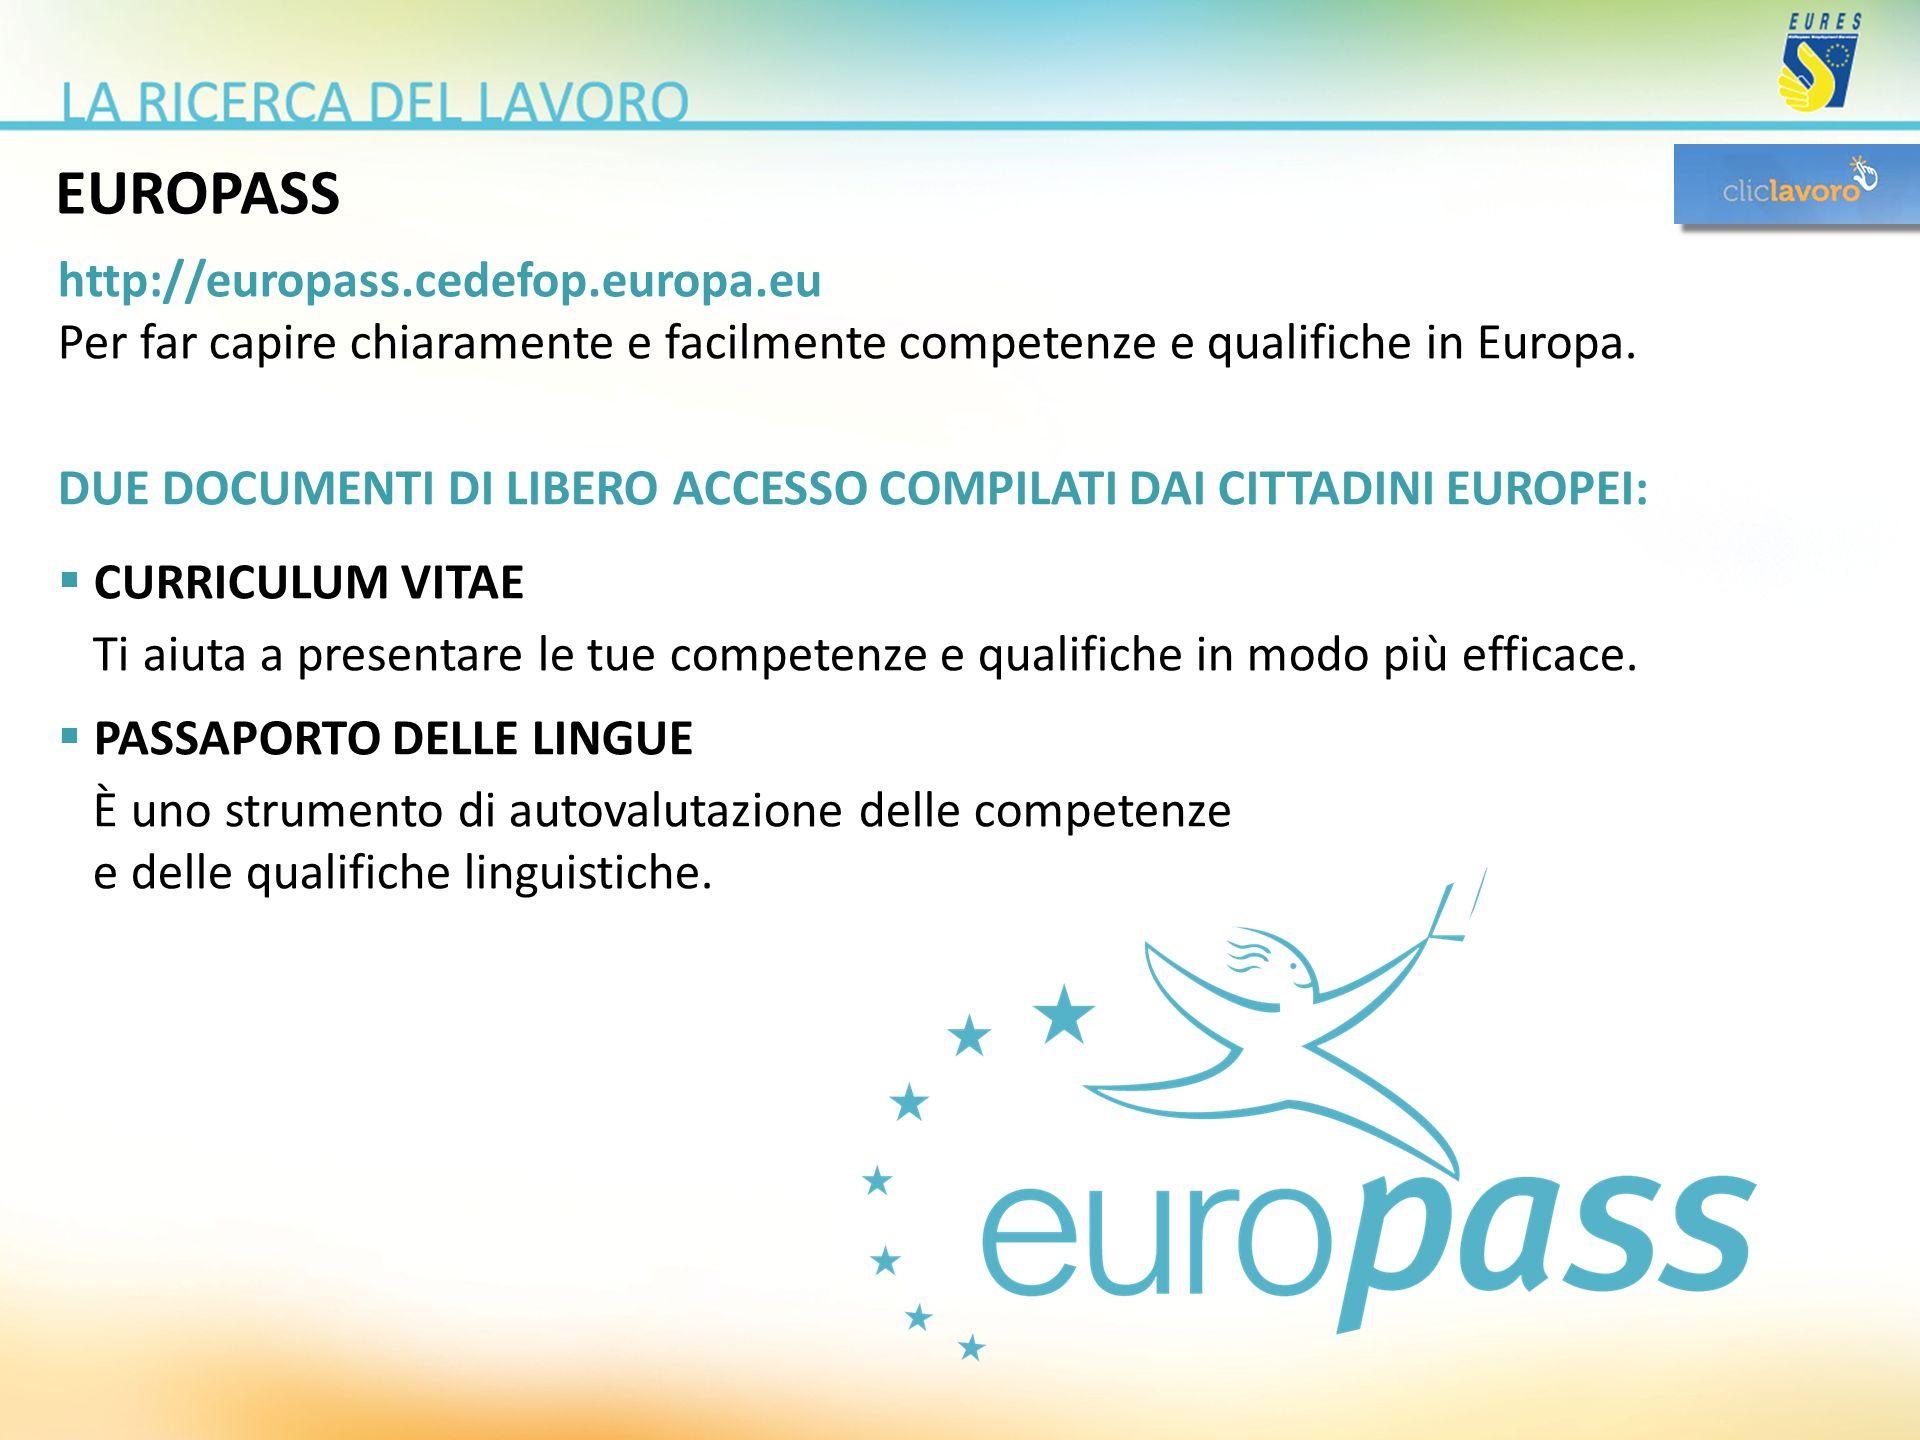 EUROPASS http://europass.cedefop.europa.eu Per far capire chiaramente e facilmente competenze e qualifiche in Europa. DUE DOCUMENTI DI LIBERO ACCESSO